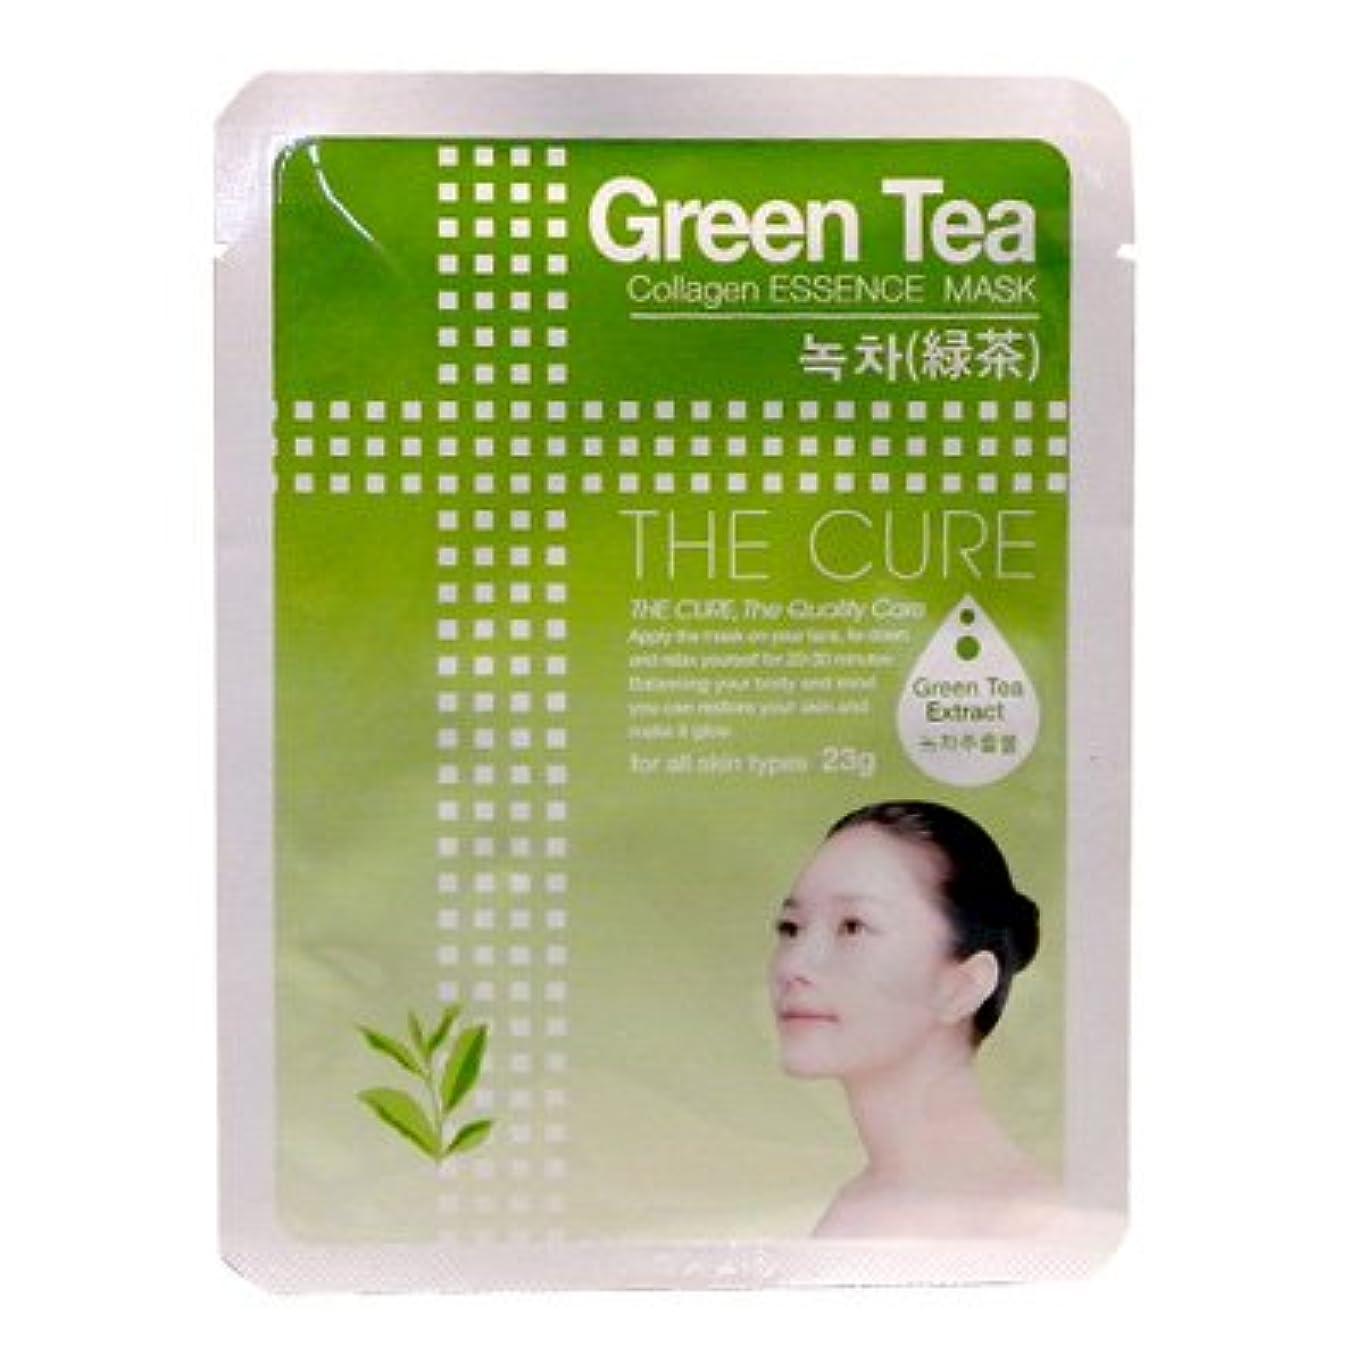 ワーカー親子犬CURE マスク シートパック 緑茶